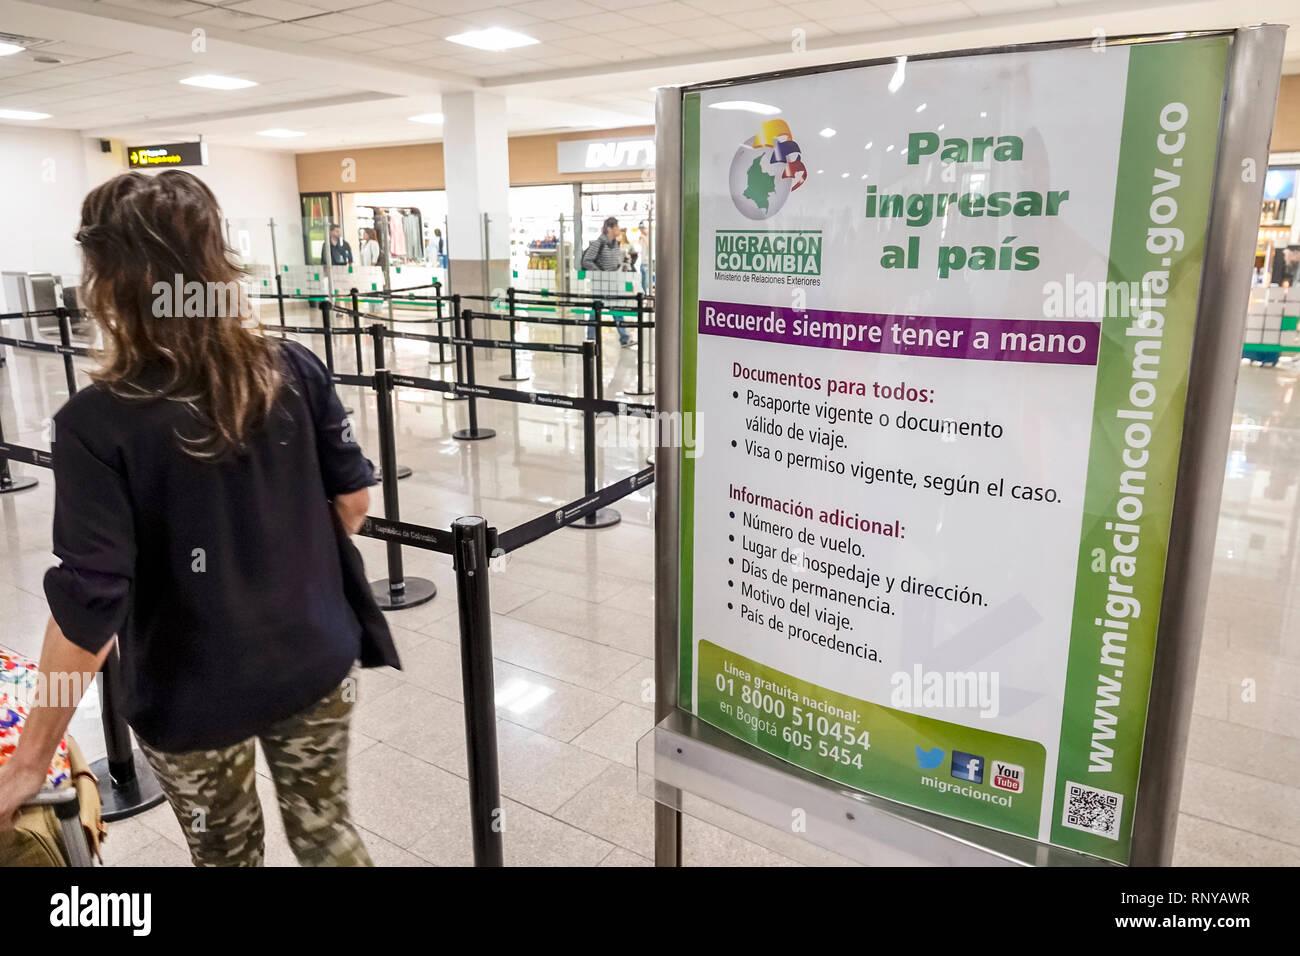 Cartagena Colombie l'aéroport international Rafael Nunez l'intérieur de l'aéroport terminal concourse immigration douane contrôle des passeports Spanish language sign Photo Stock